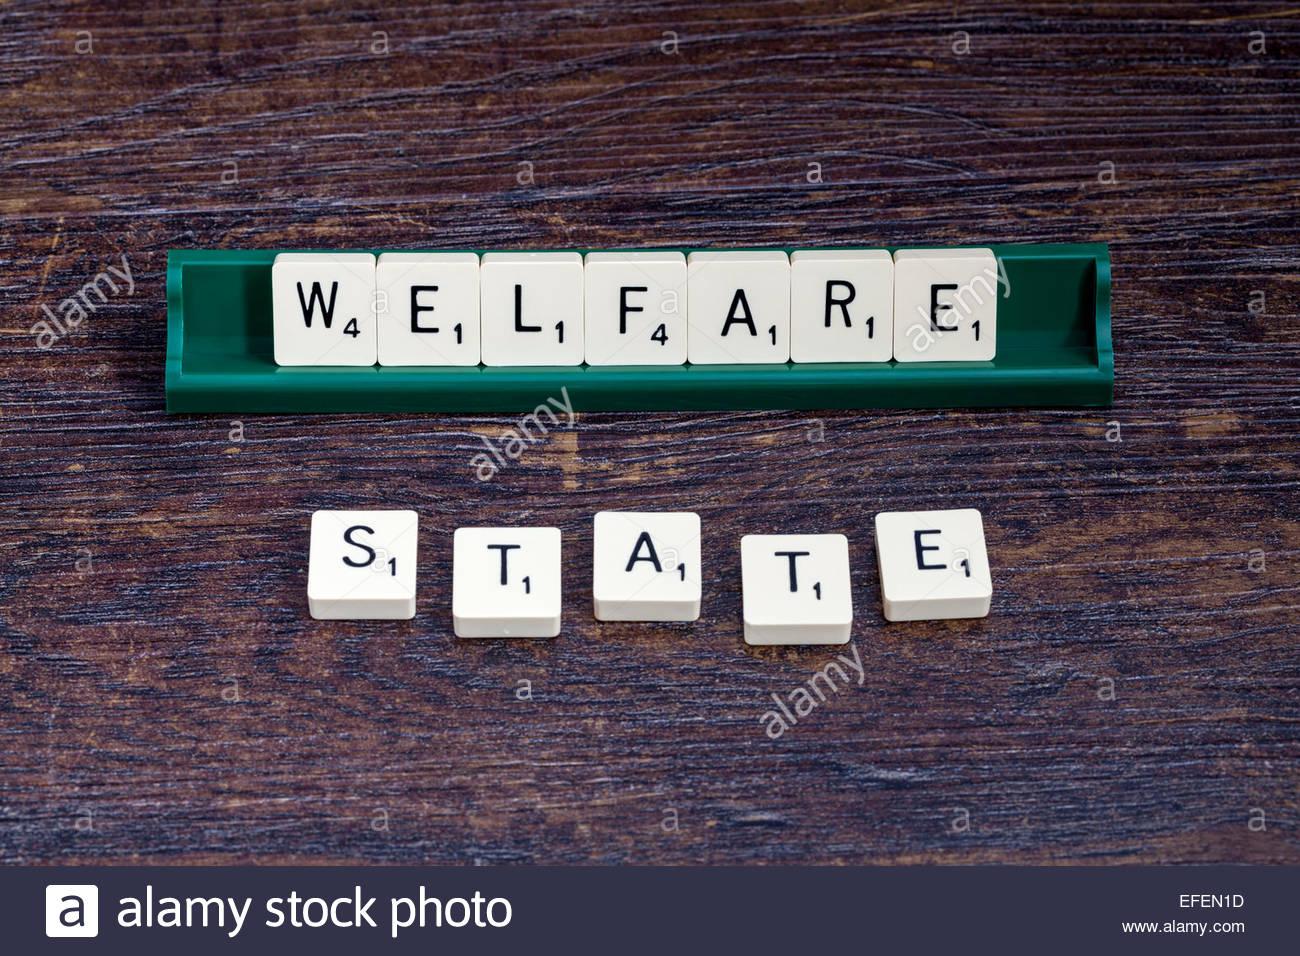 Stato sociale enunciato con lettere di scrabble Immagini Stock